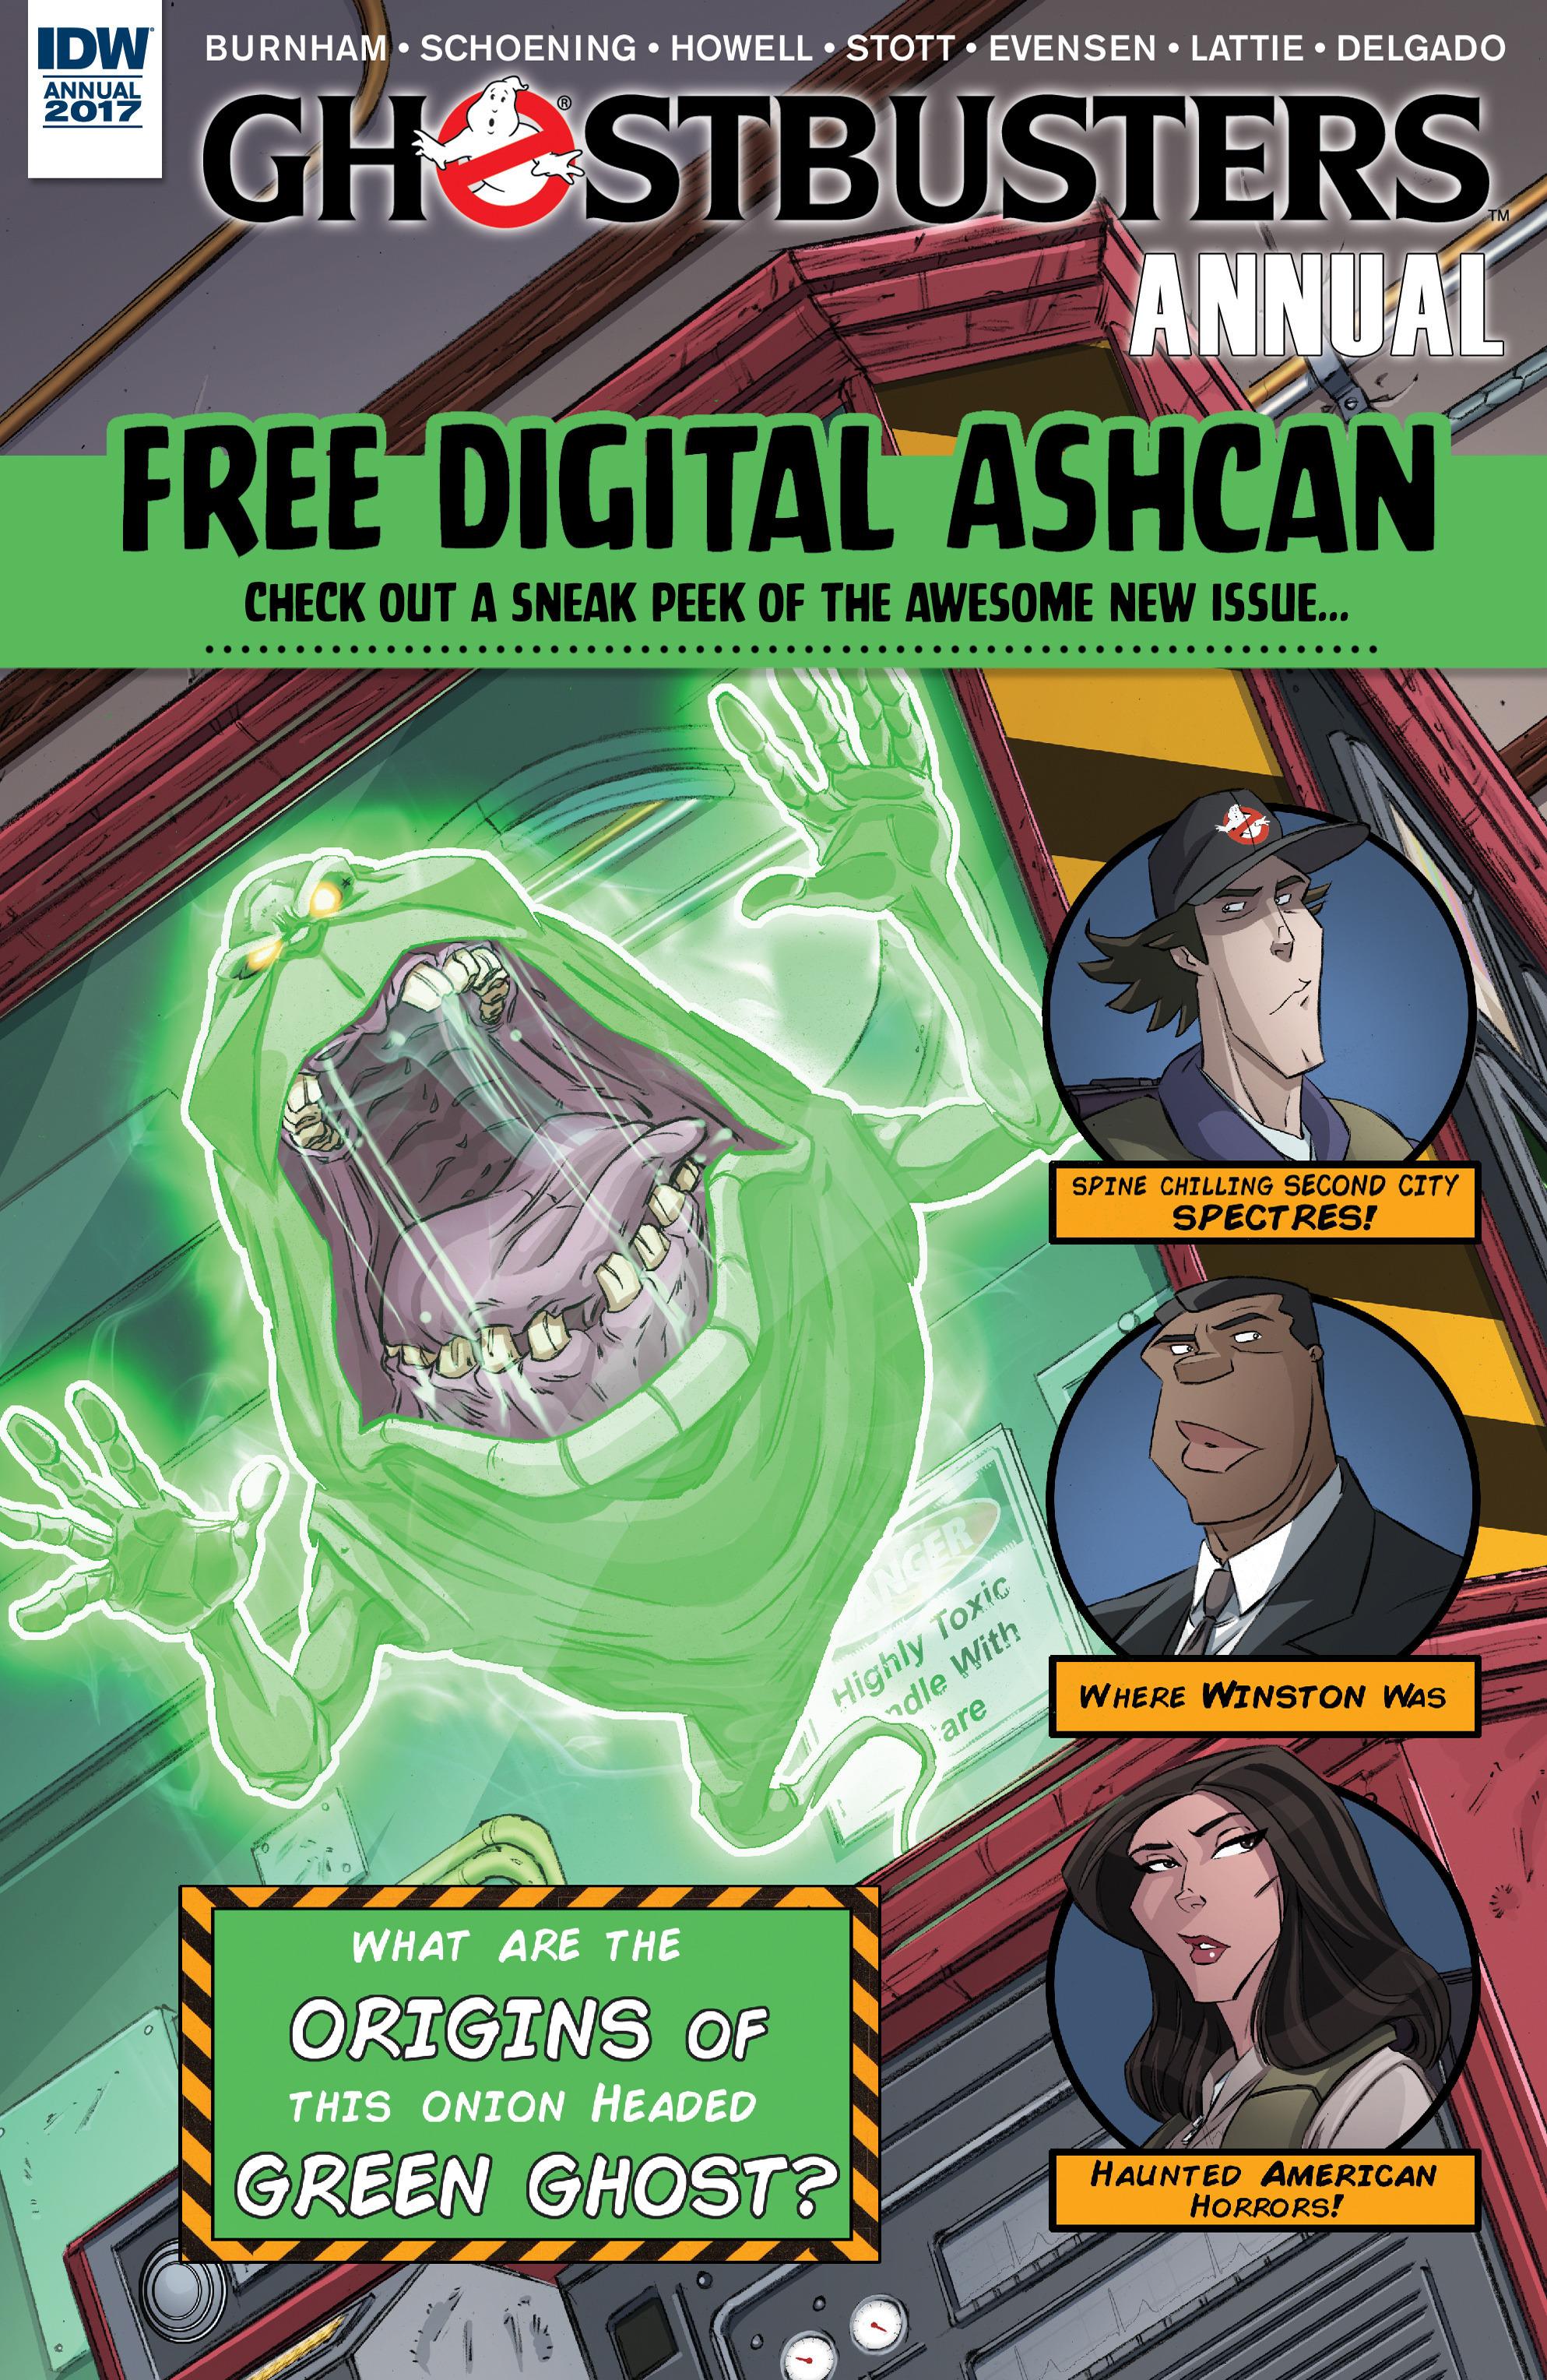 Read online Batman/Teenage Mutant Ninja Turtles Adventure comic -  Issue #4 - 23